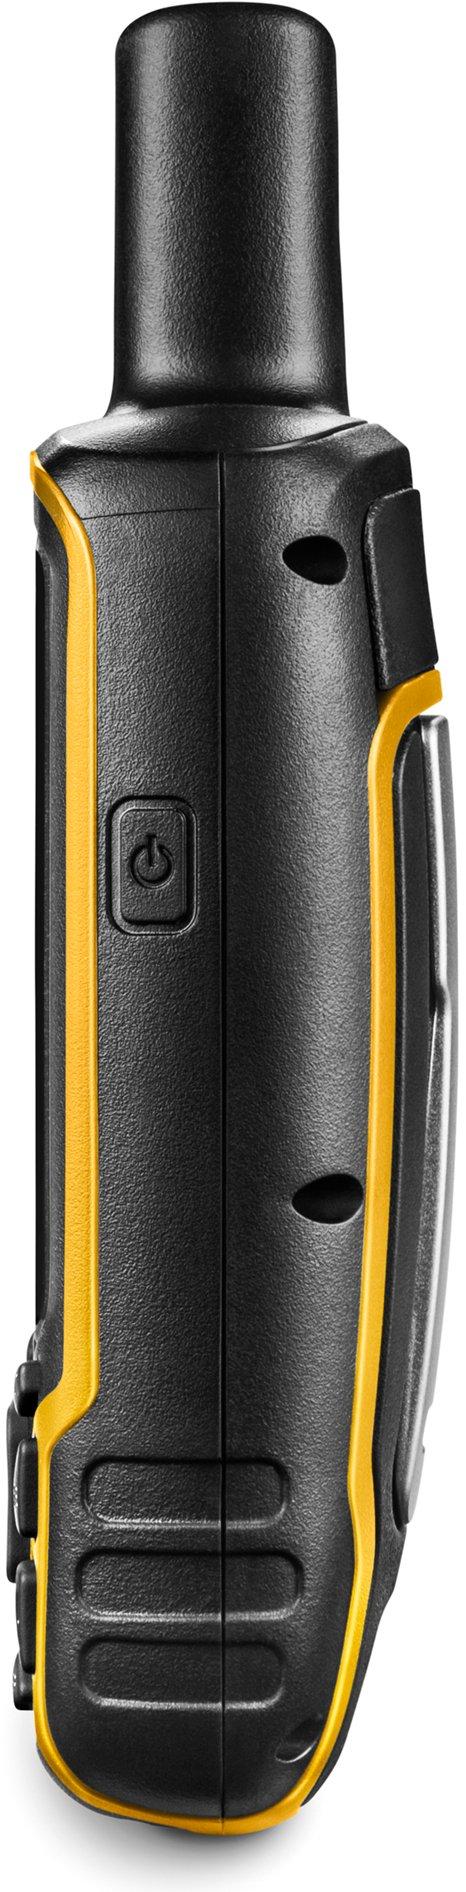 Garmin GPSMAP 64 Handheld Navigator 9